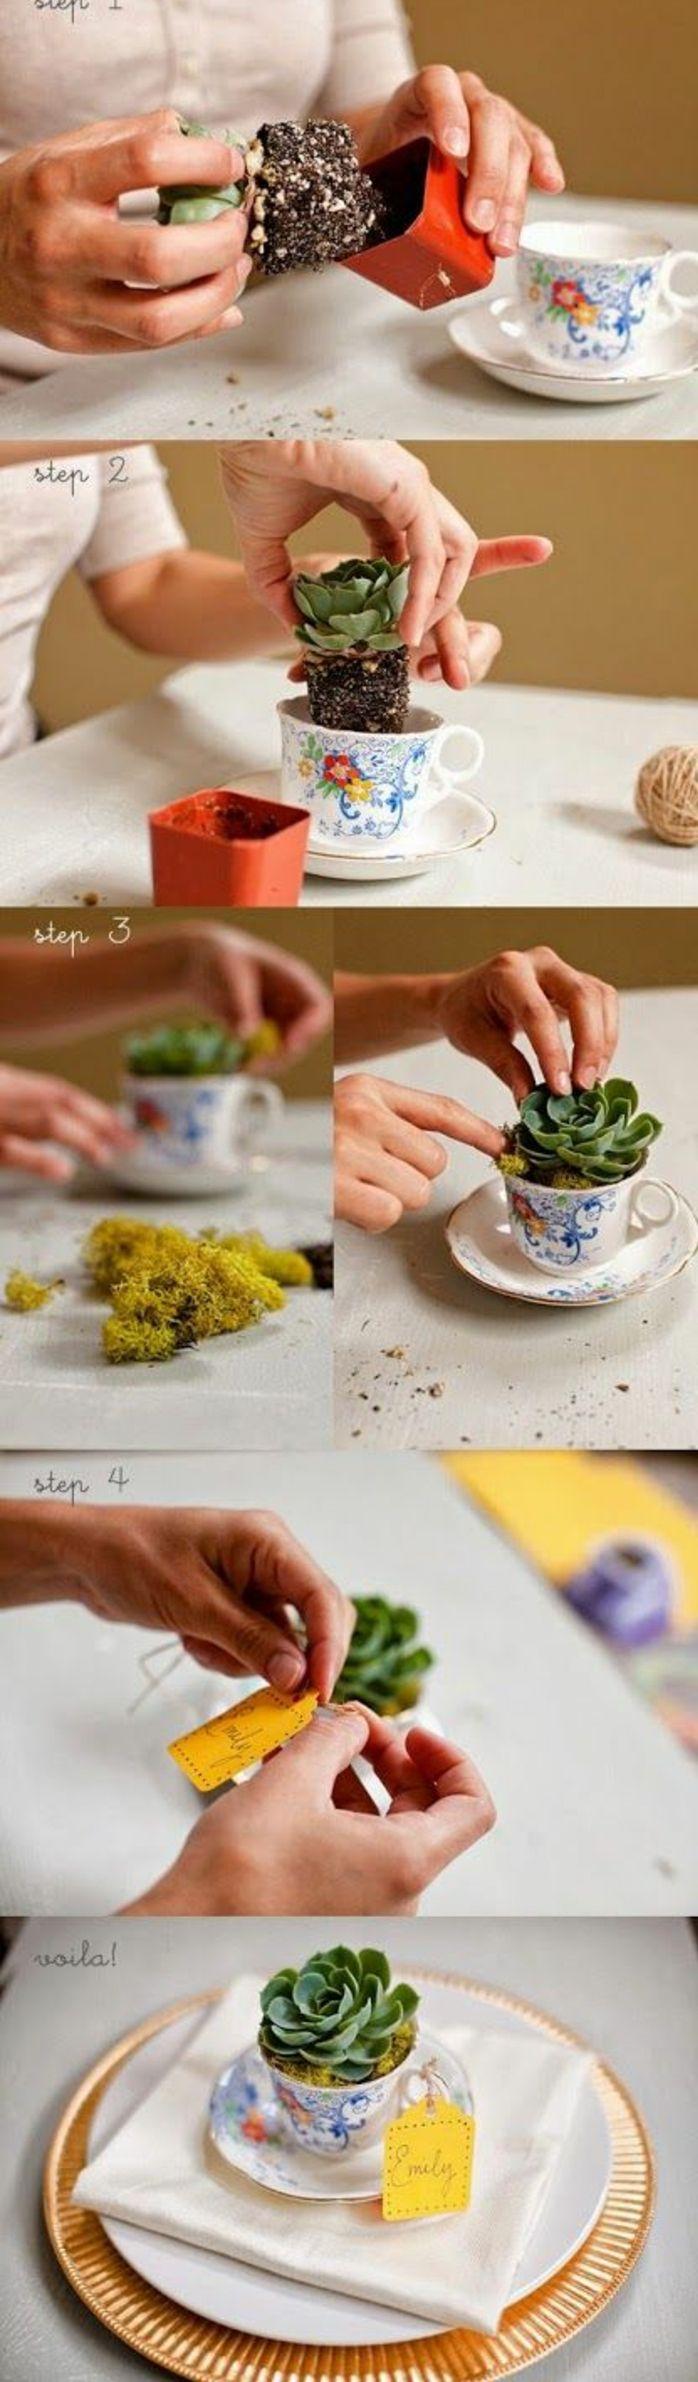 6bastelnmitmüllpflanzekaffeetassentischdekodiy